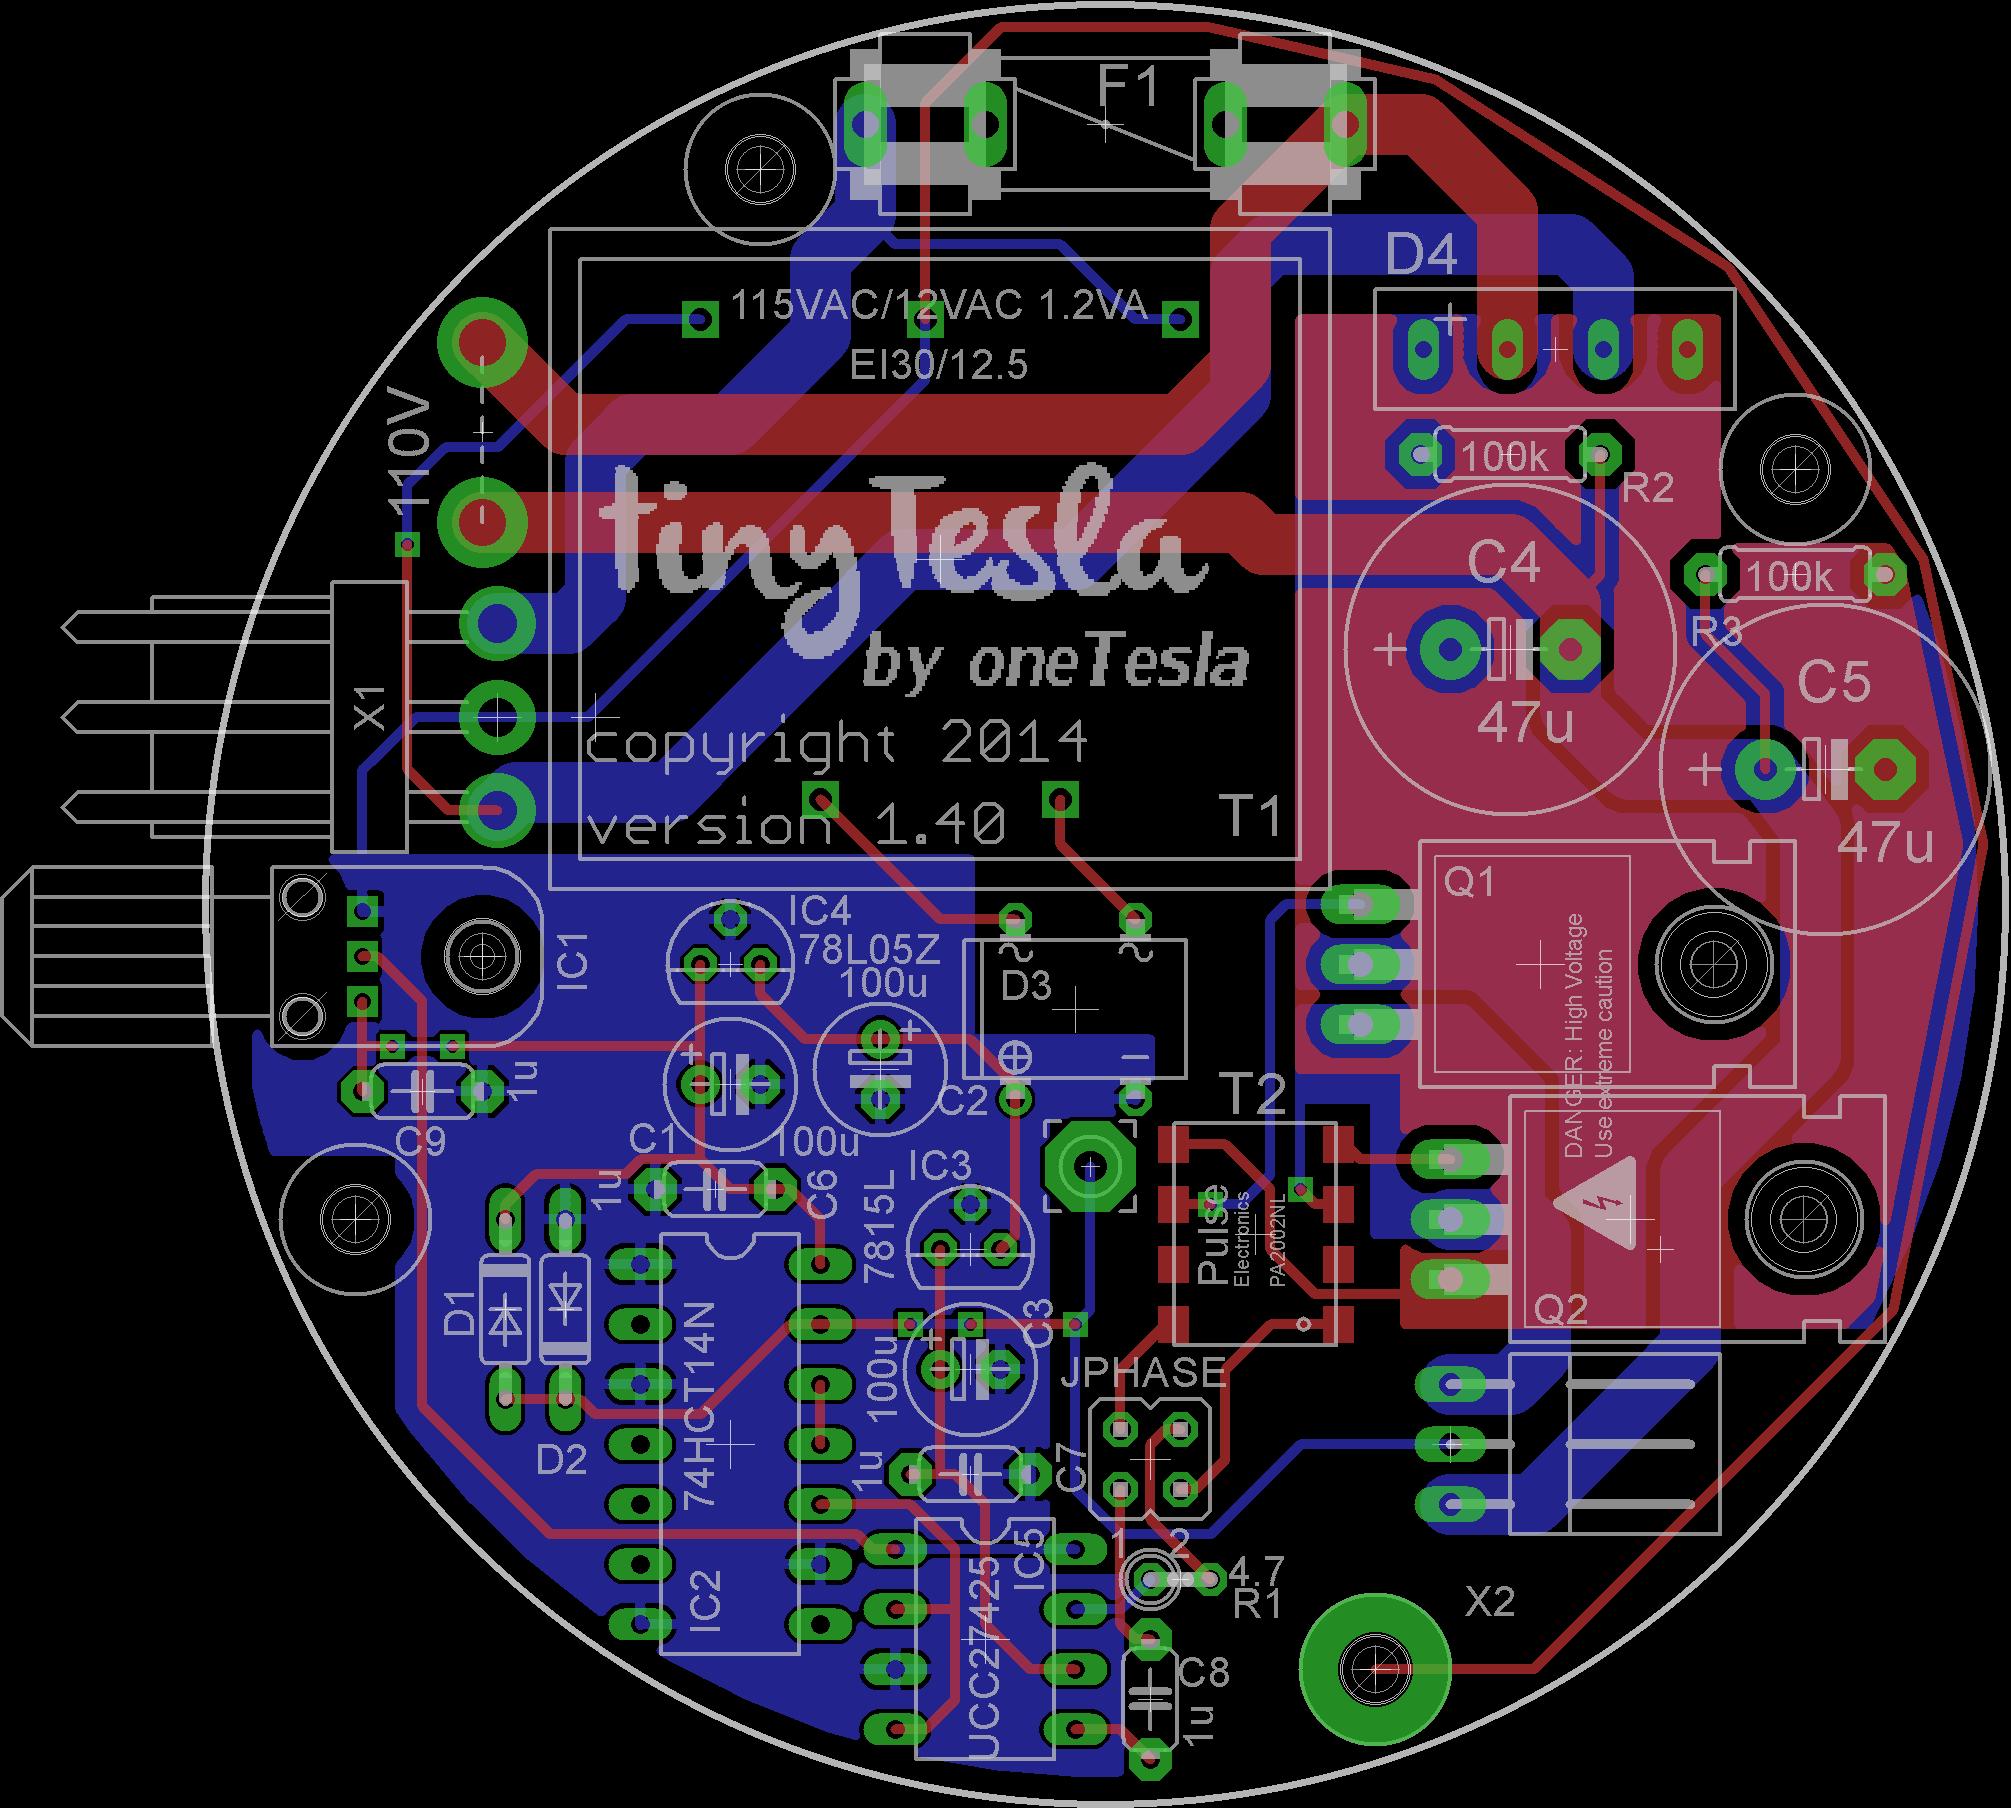 tinyTesla PCB schematic